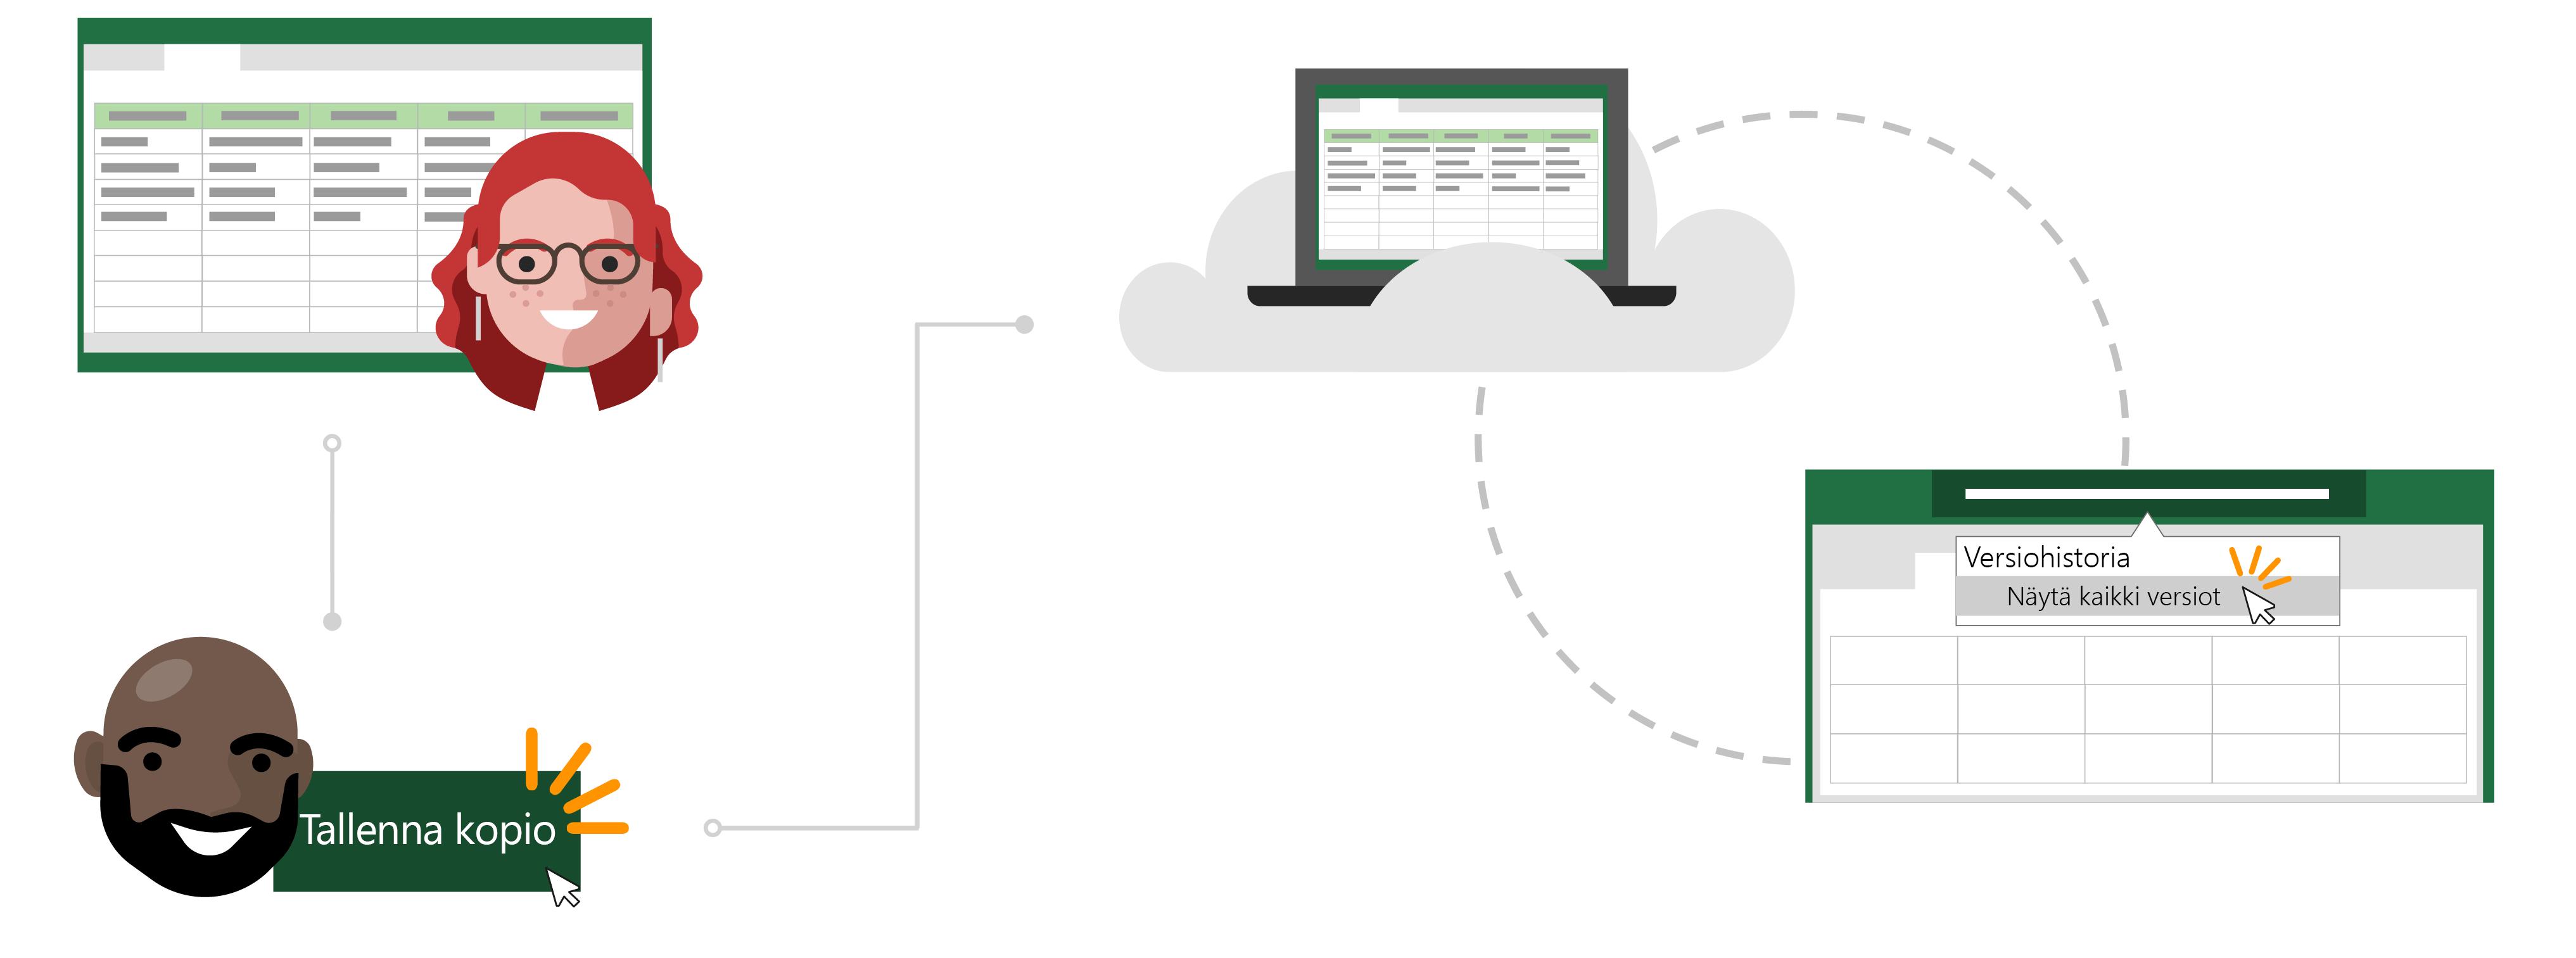 Käytä aiemmin luotua tiedostoa pilvi palvelussa uuden tiedoston mallina Tallenna kopio-toiminnolla.